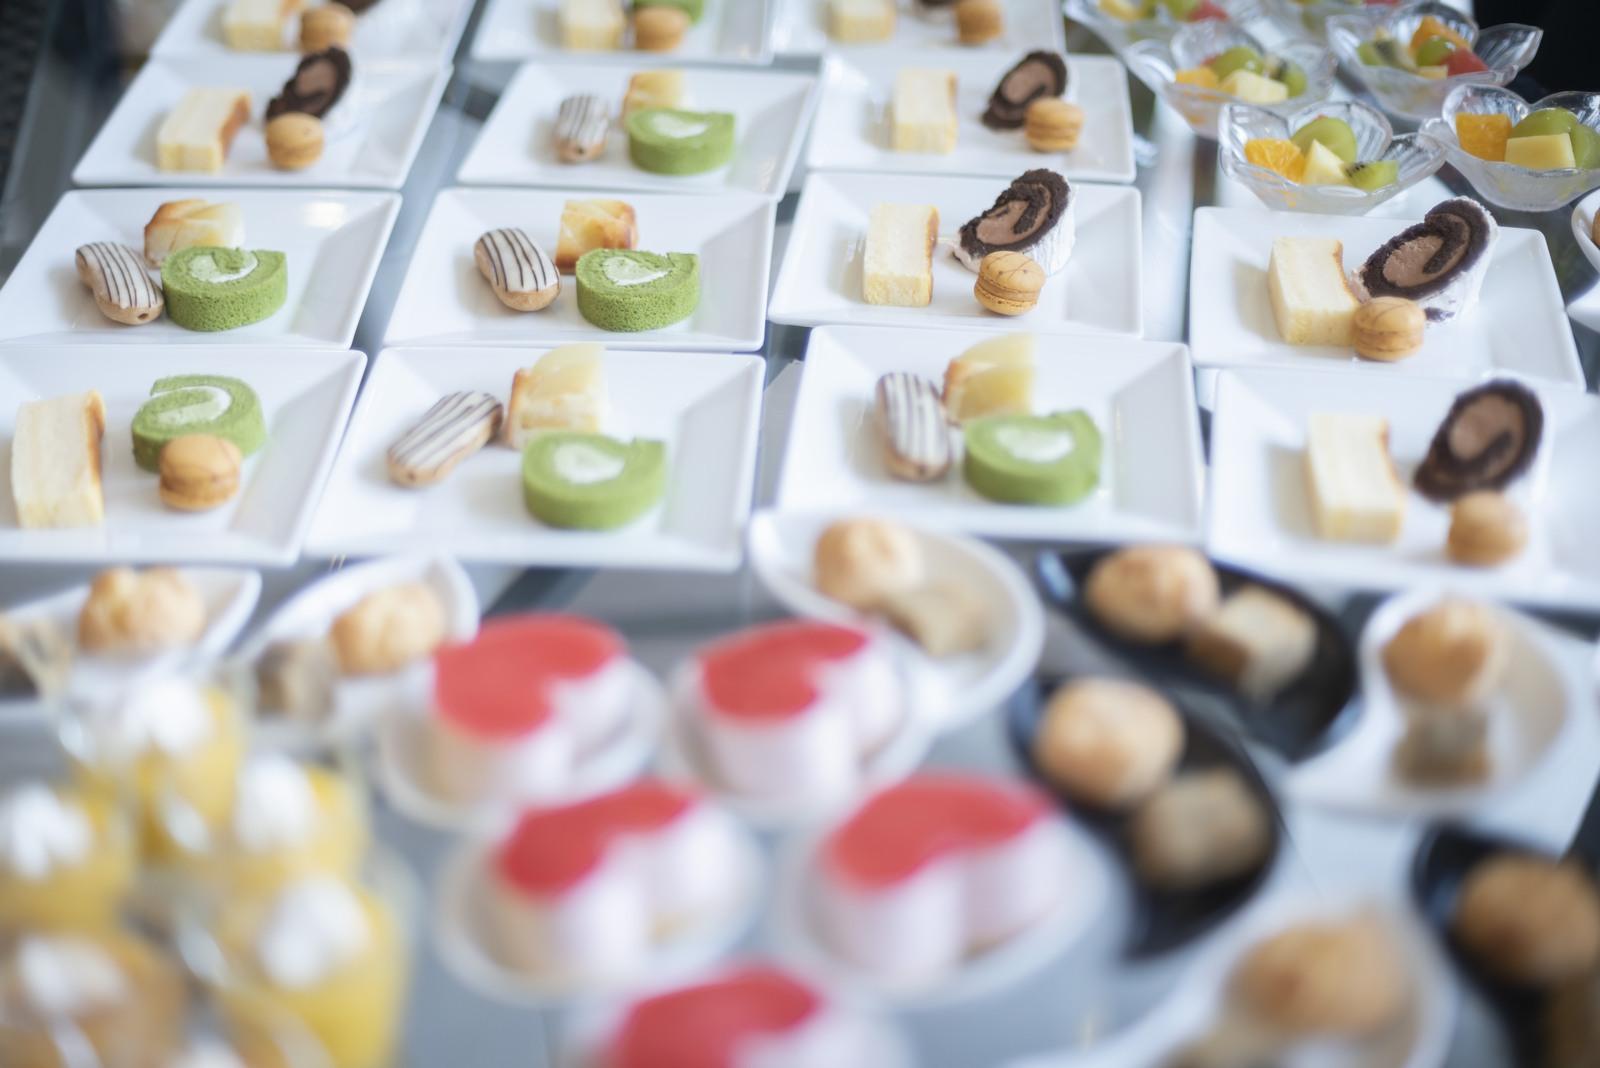 香川県の結婚式場シェルエメール&アイスタイルのデザートビュッフェ